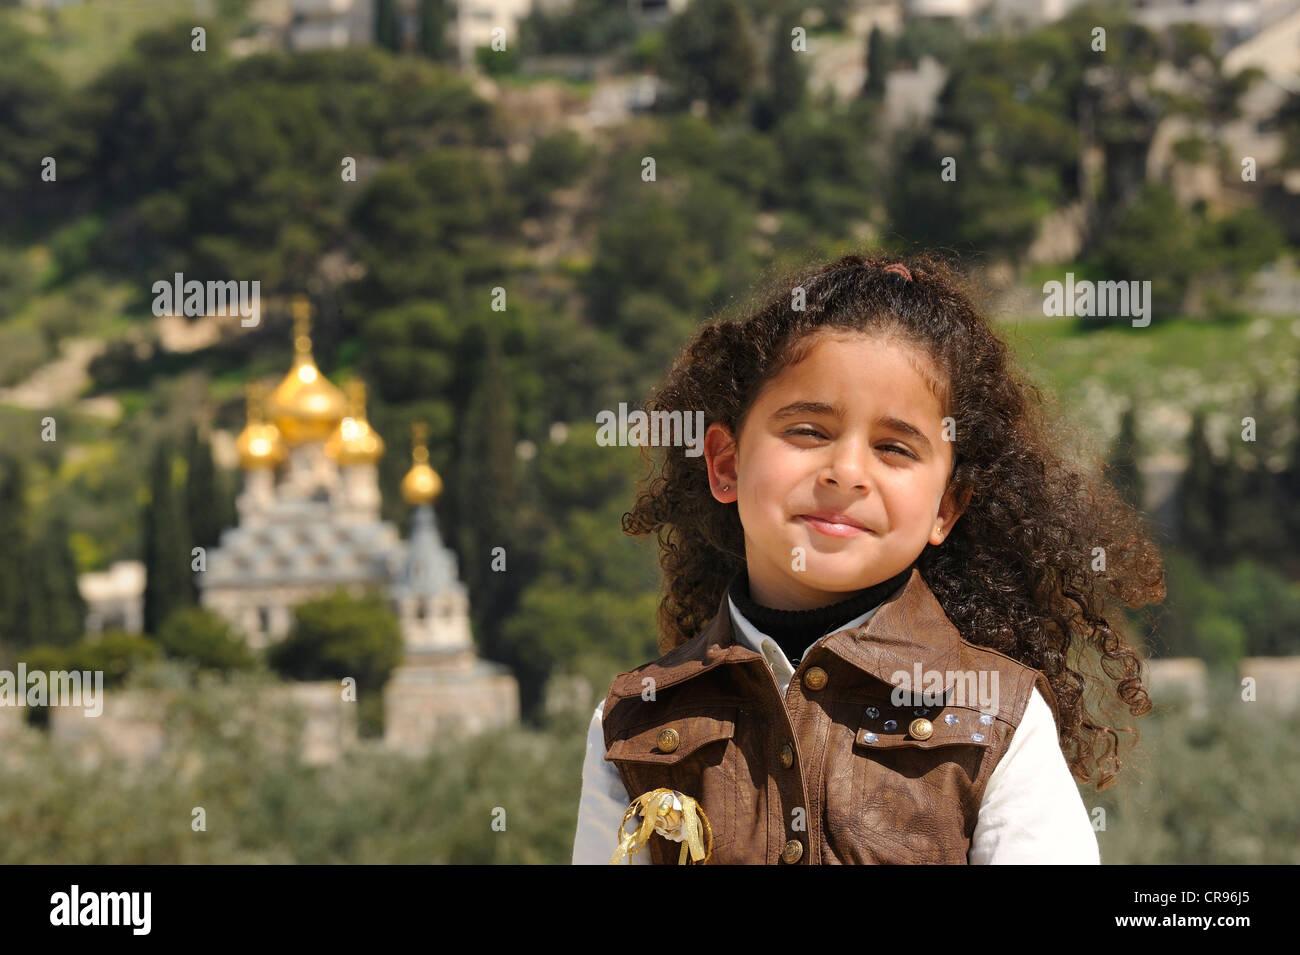 La diversità religiosa, ragazza israelo-palestinese sul Monte del Tempio, la chiesa russa ortodossa di Maria Immagini Stock